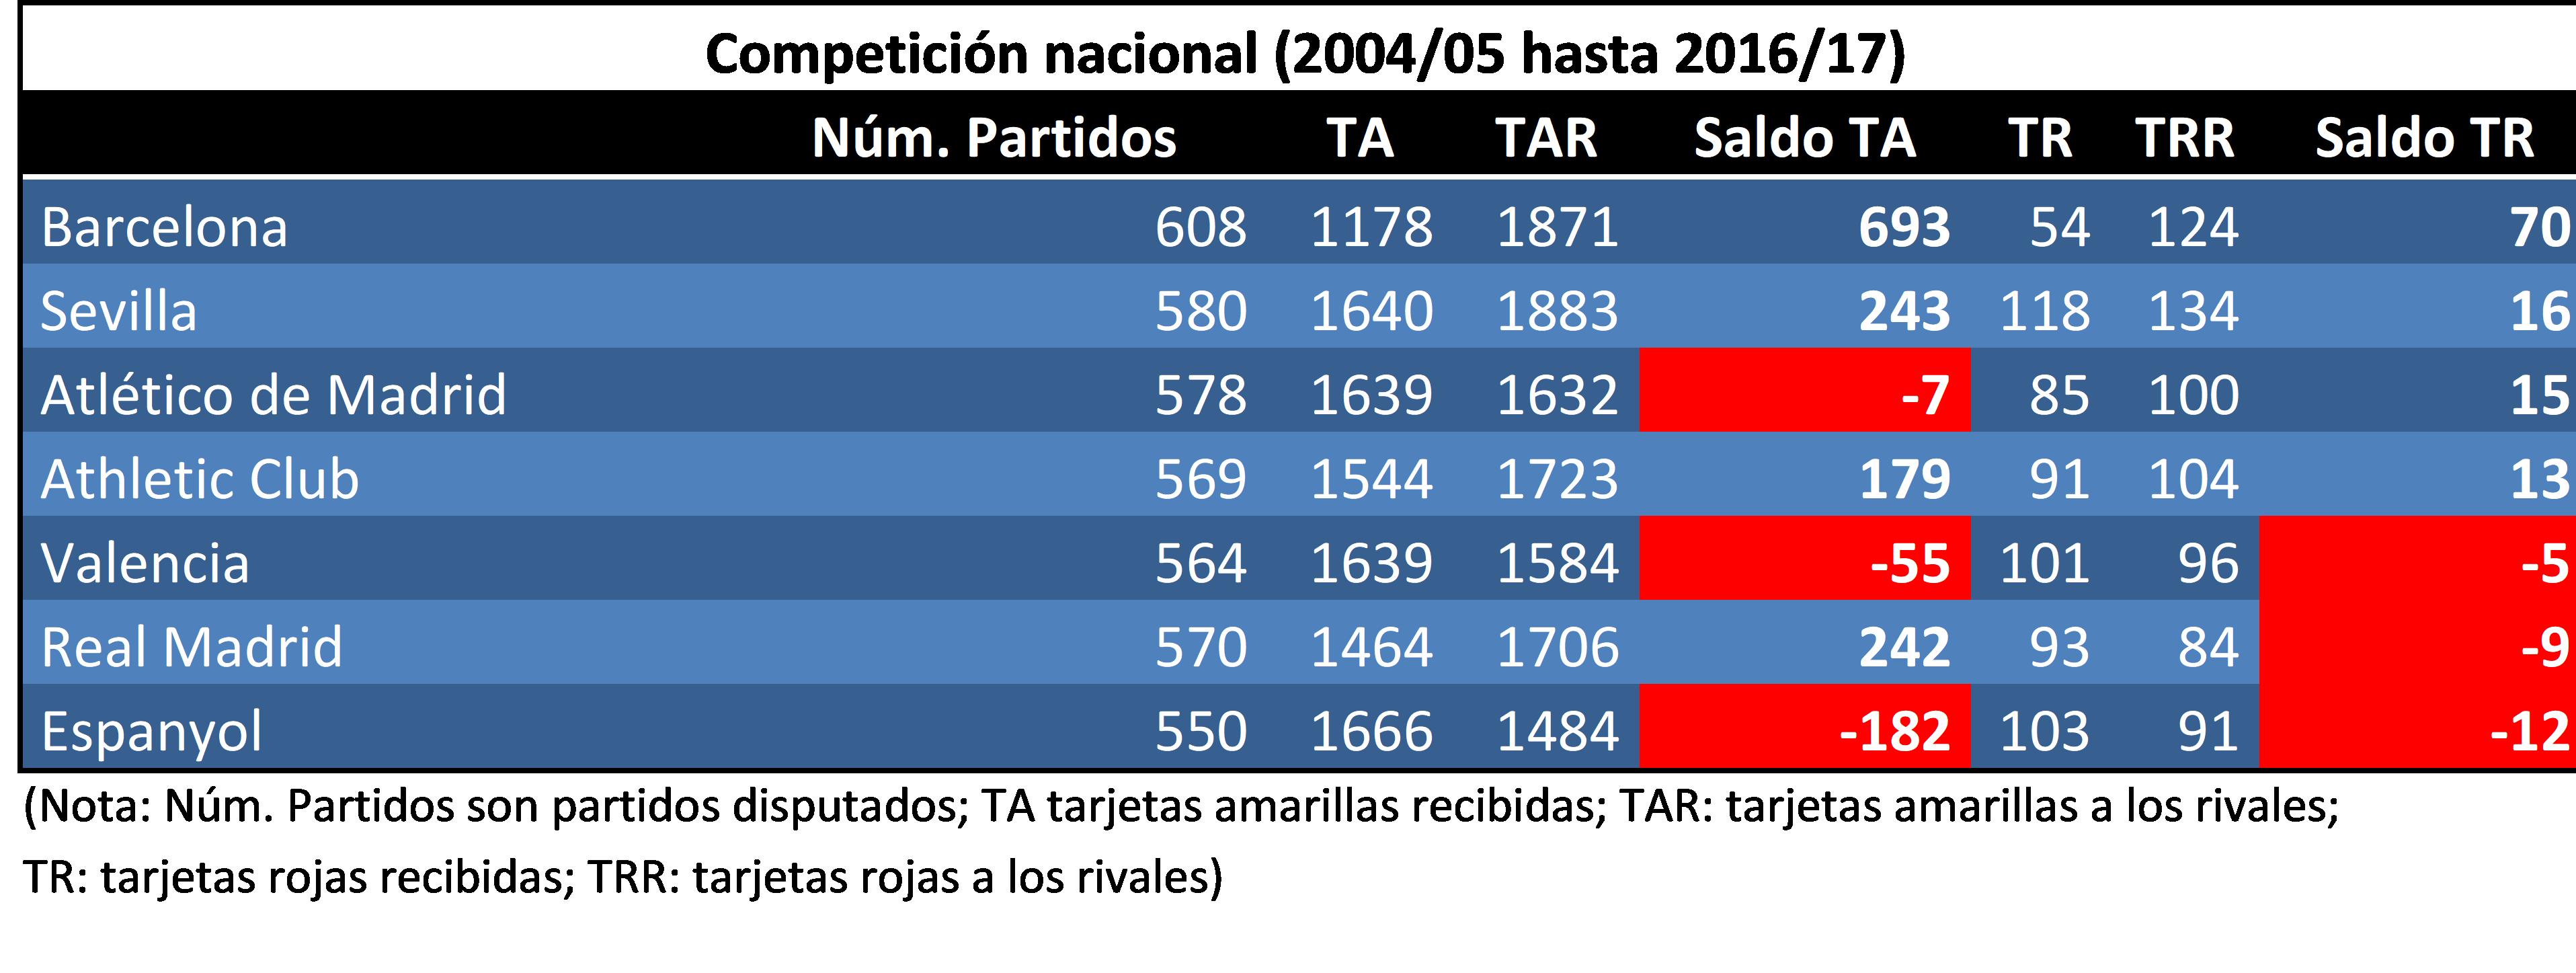 Comparativa en Competición Nacional, de varios equipos españoles, desde 2004/05 a 2016/17